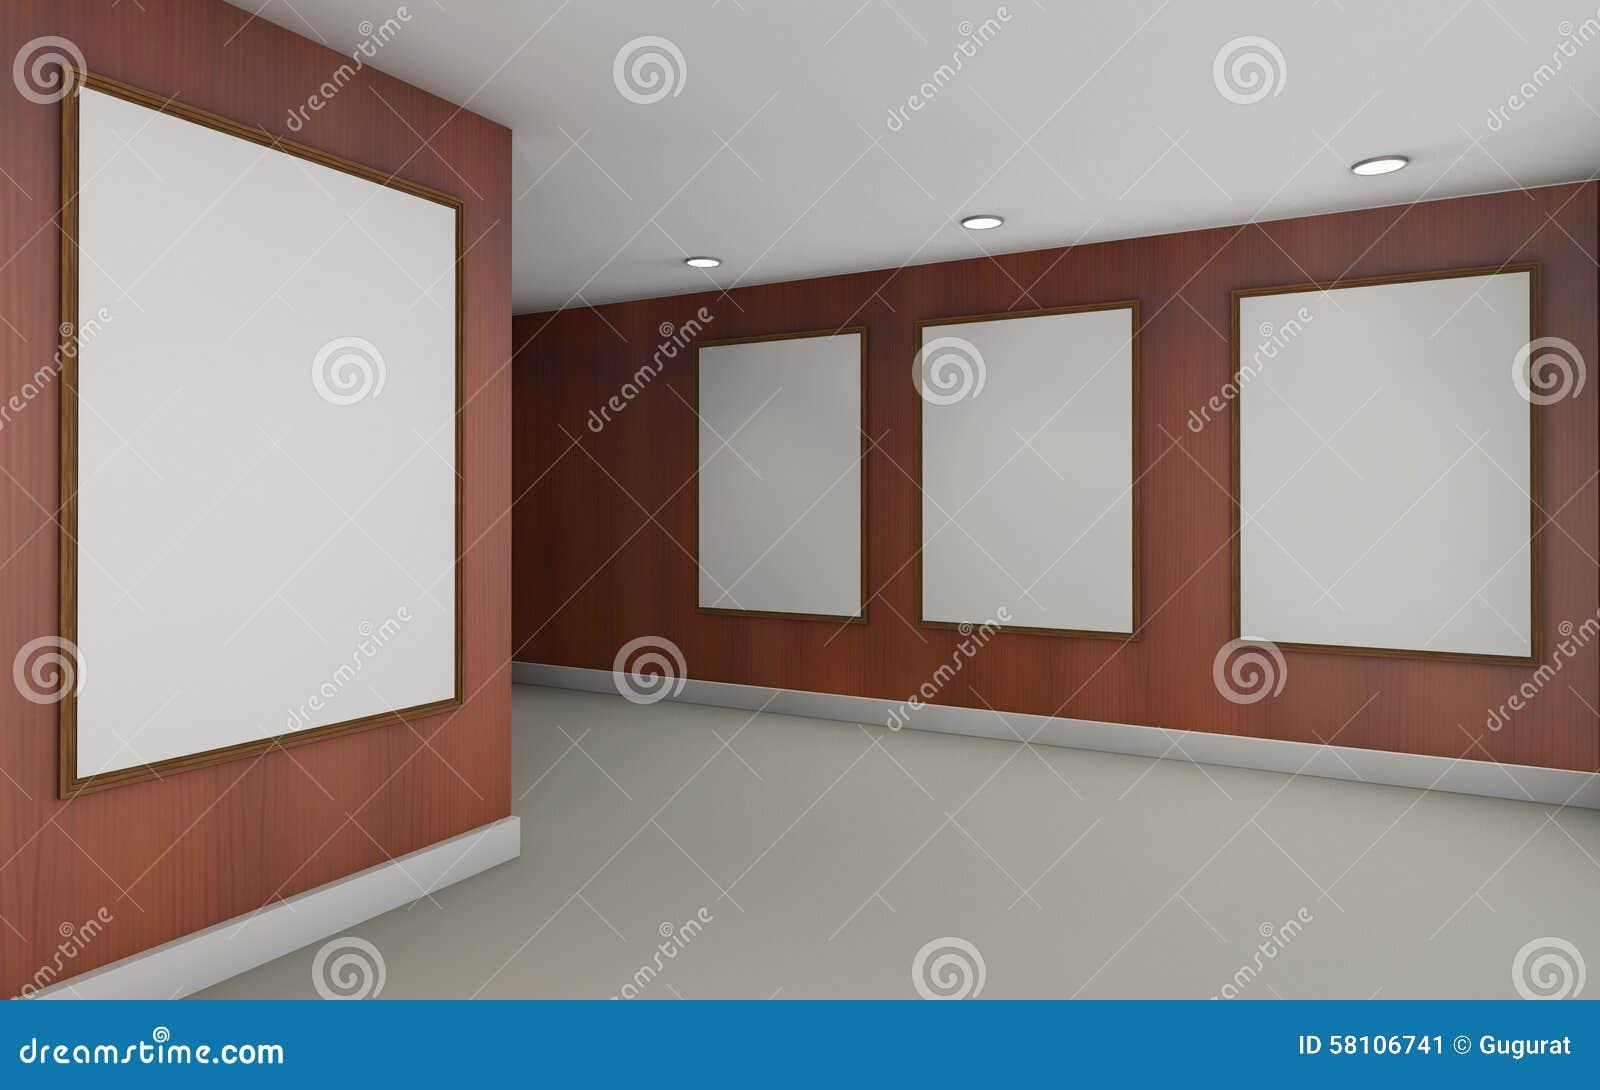 Bois d 39 art gallery perspective et de mur de cadre de for Image de cadre de tableau